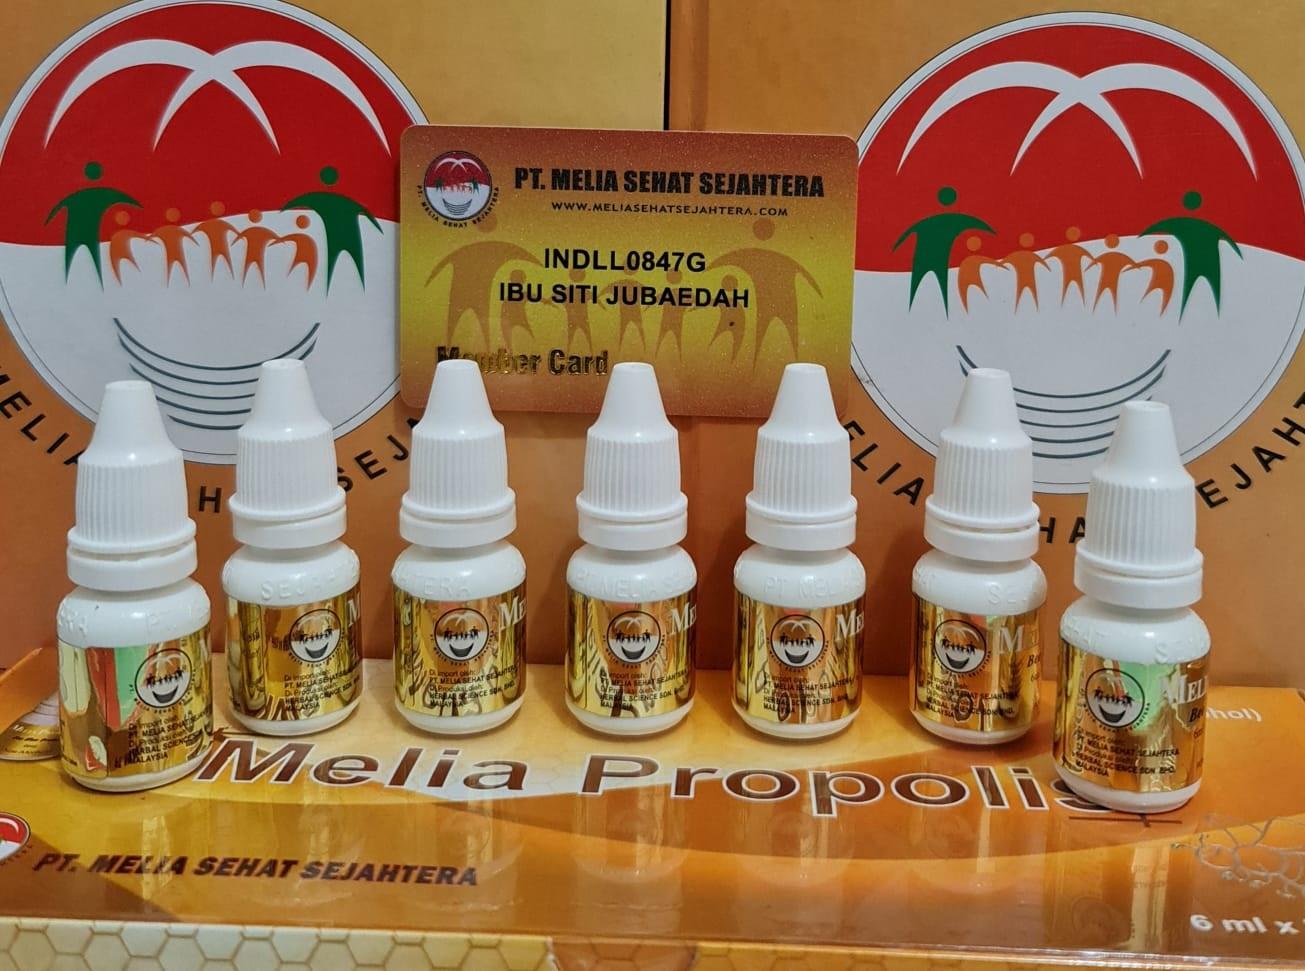 melia propolis 6ml